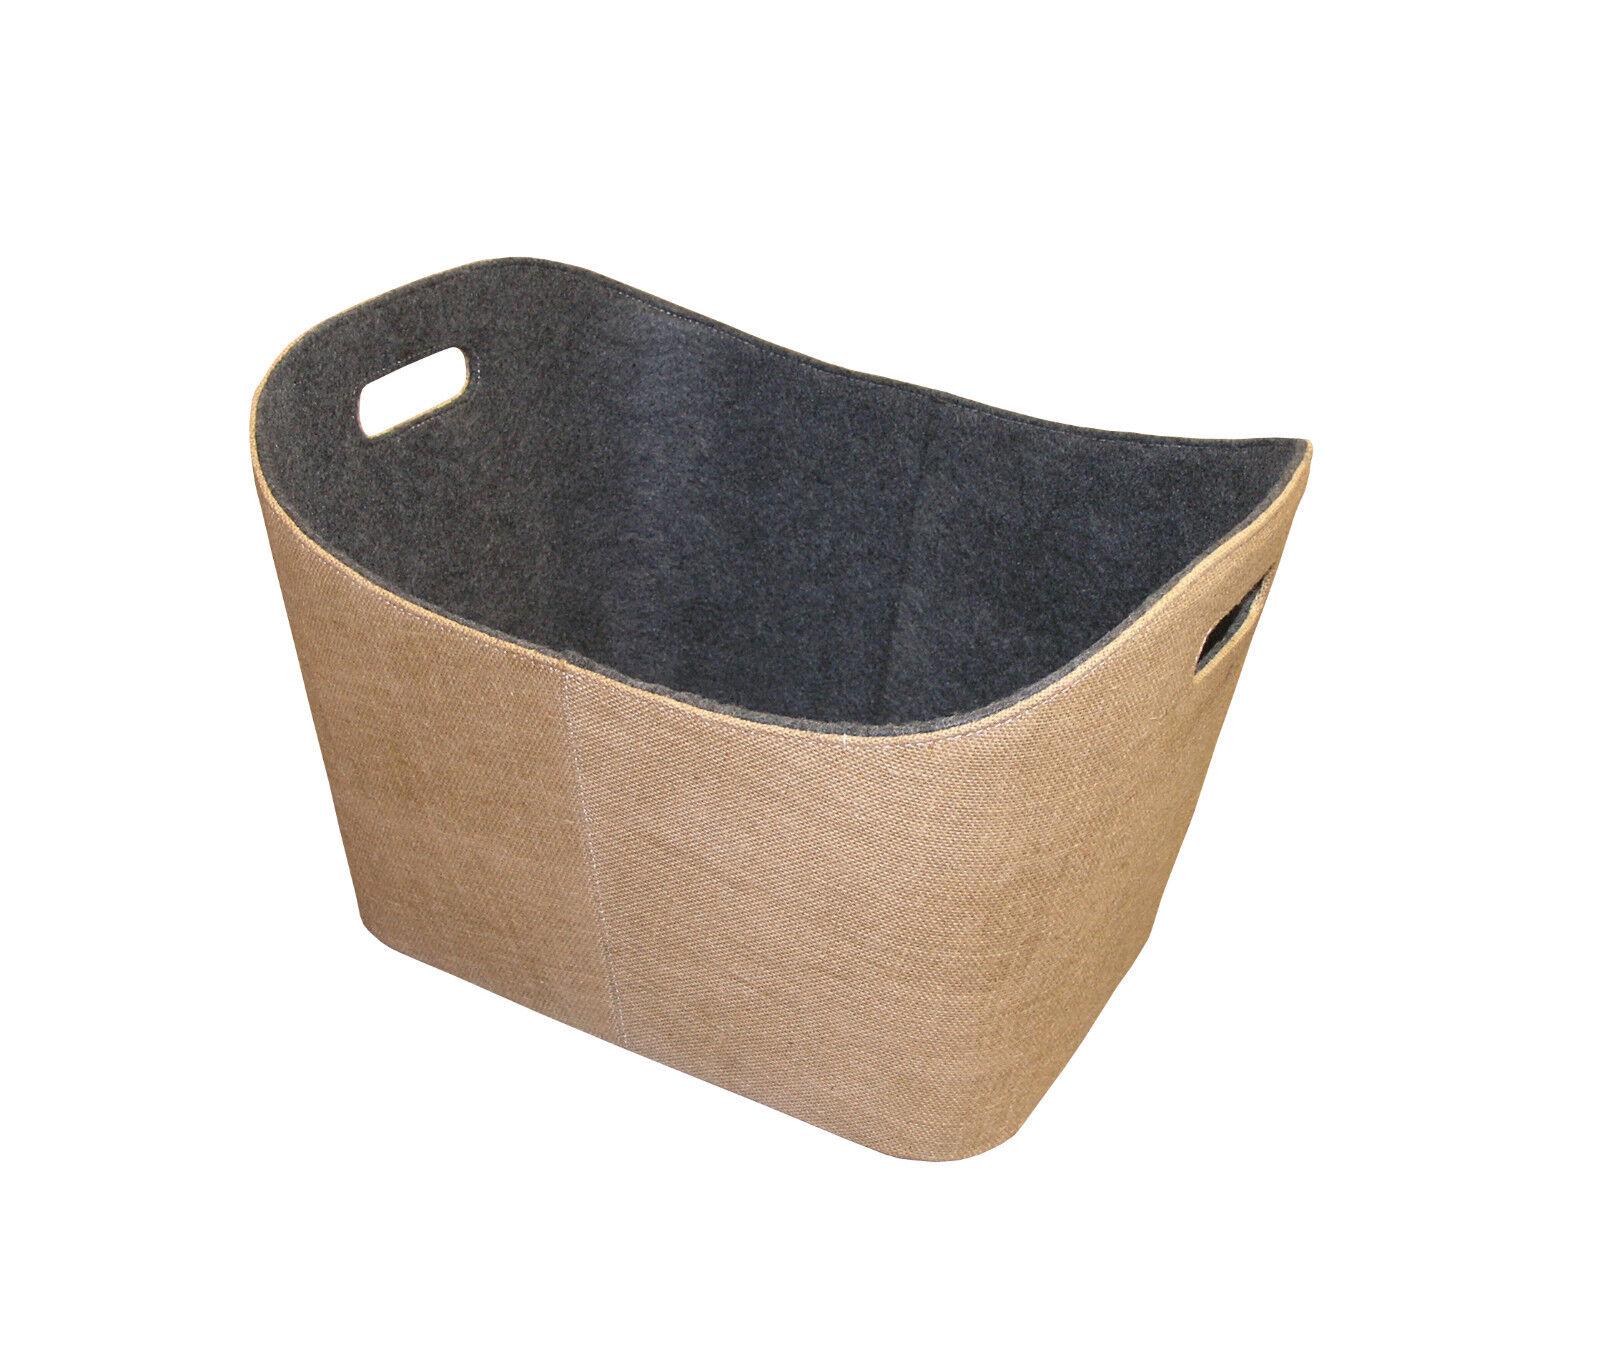 in vendita online Iuta-Feltro cesta Cesto Cesto Cesto in legno naturale con cuciture a BIANCA B H T - 55 35 40cm  nuova esclusiva di fascia alta